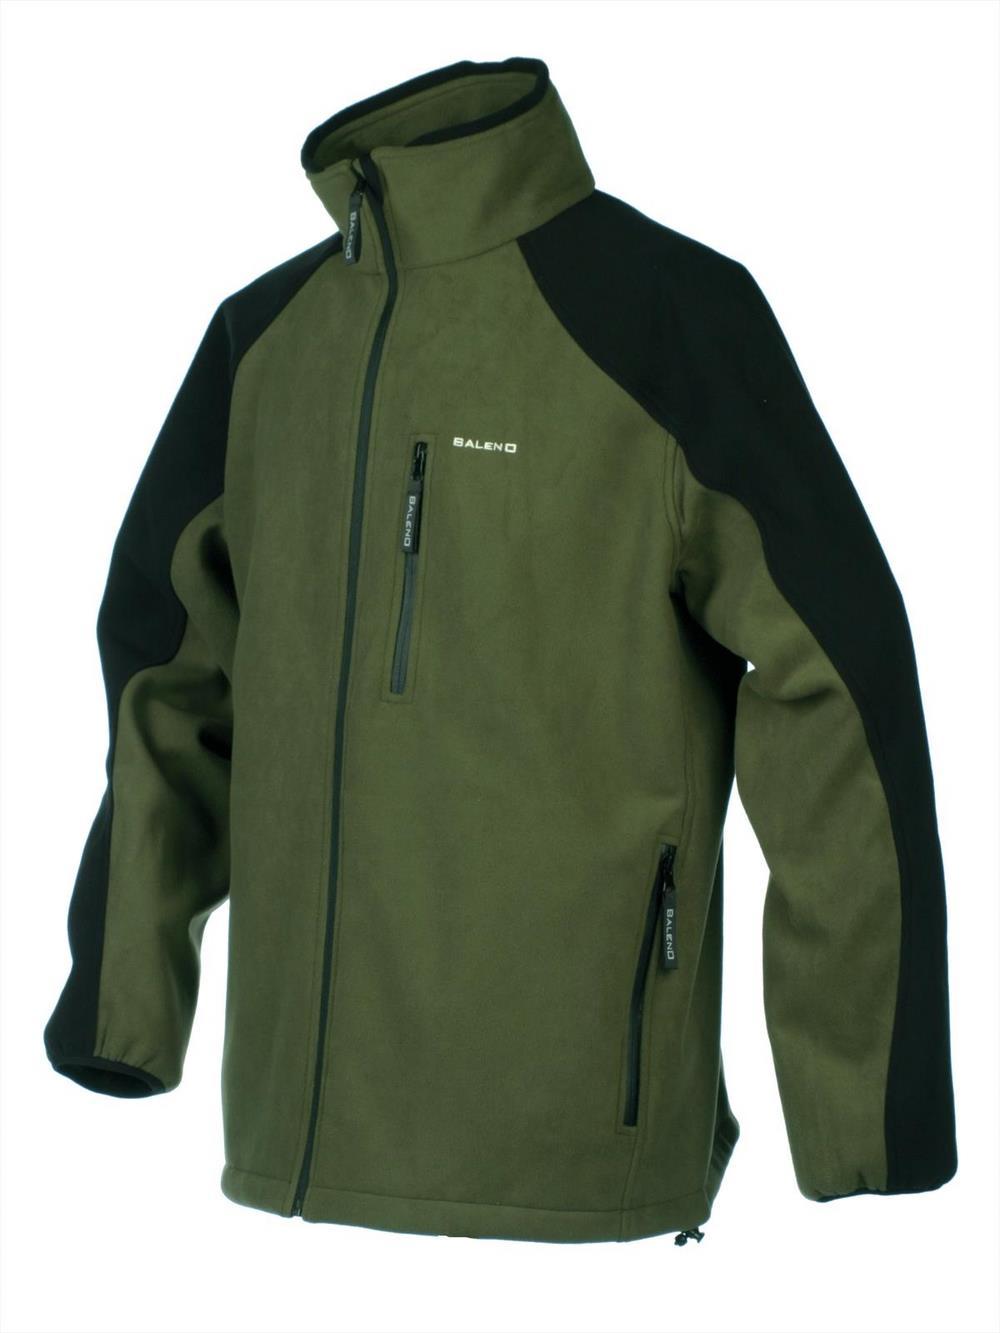 Baleno Chamonix Fleece Jacket